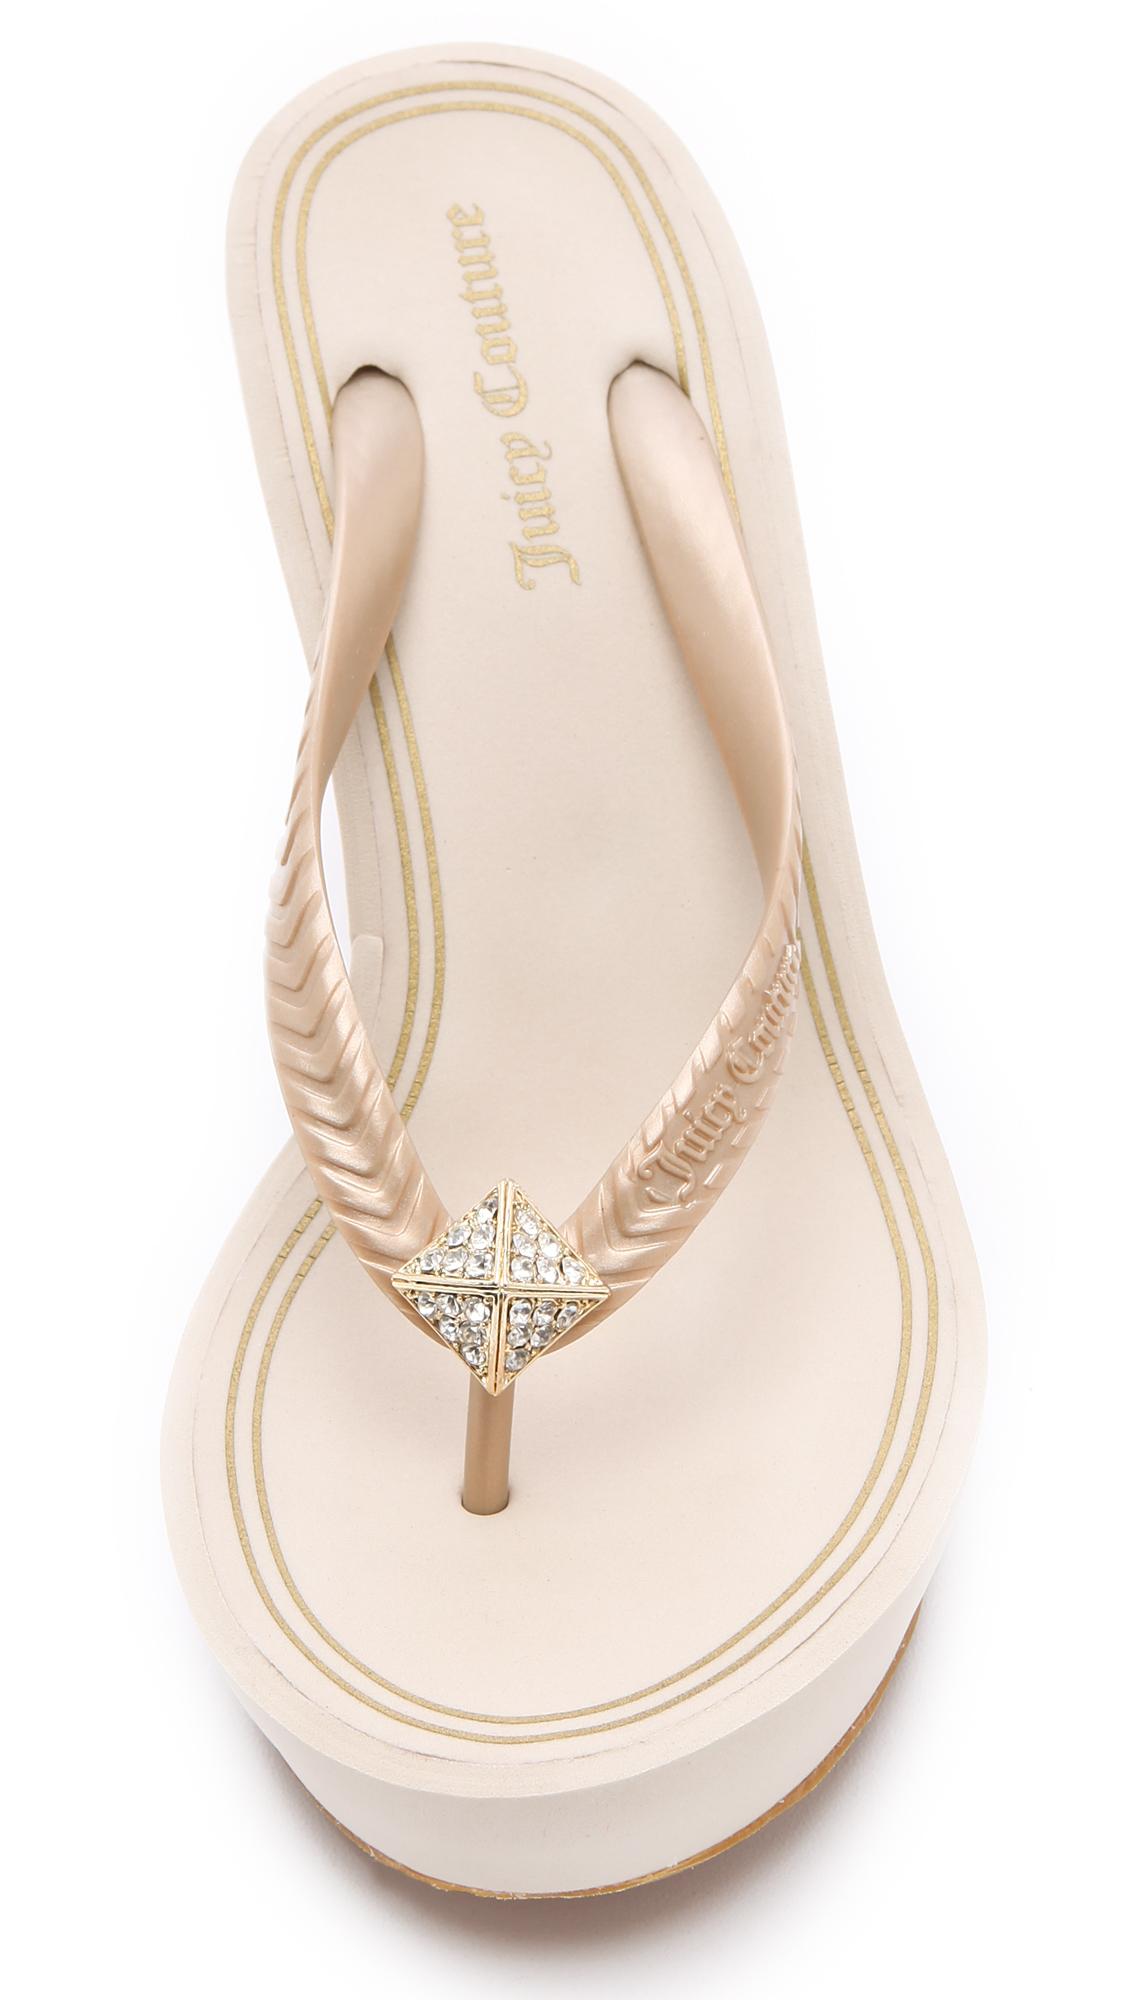 0ae36195c92b Juicy Couture Britt Wedge Flip Flops